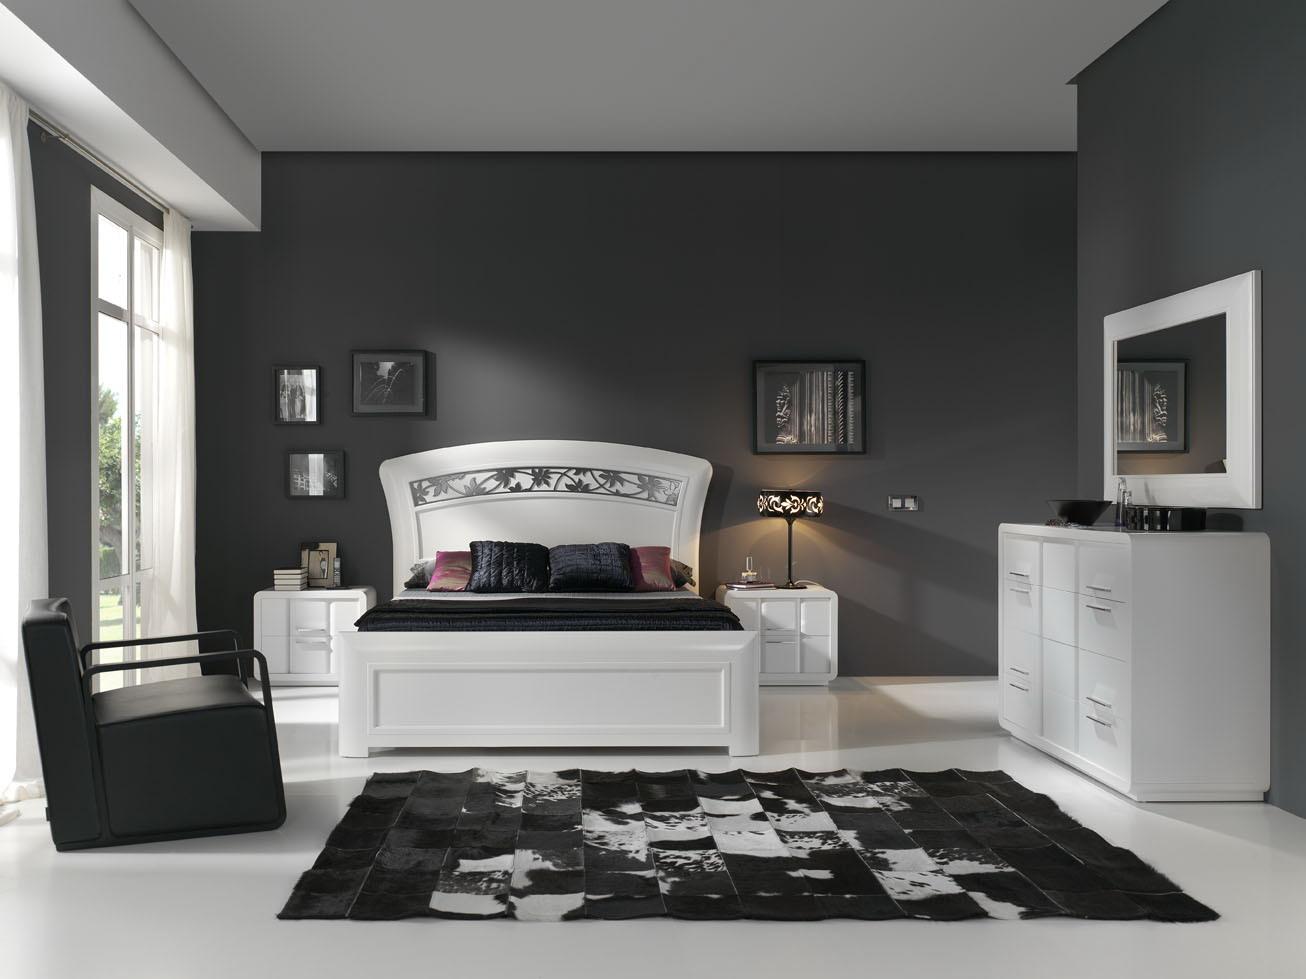 Dormitorios estilo moderno muebles andaluc a for Dormitorios de nina baratos